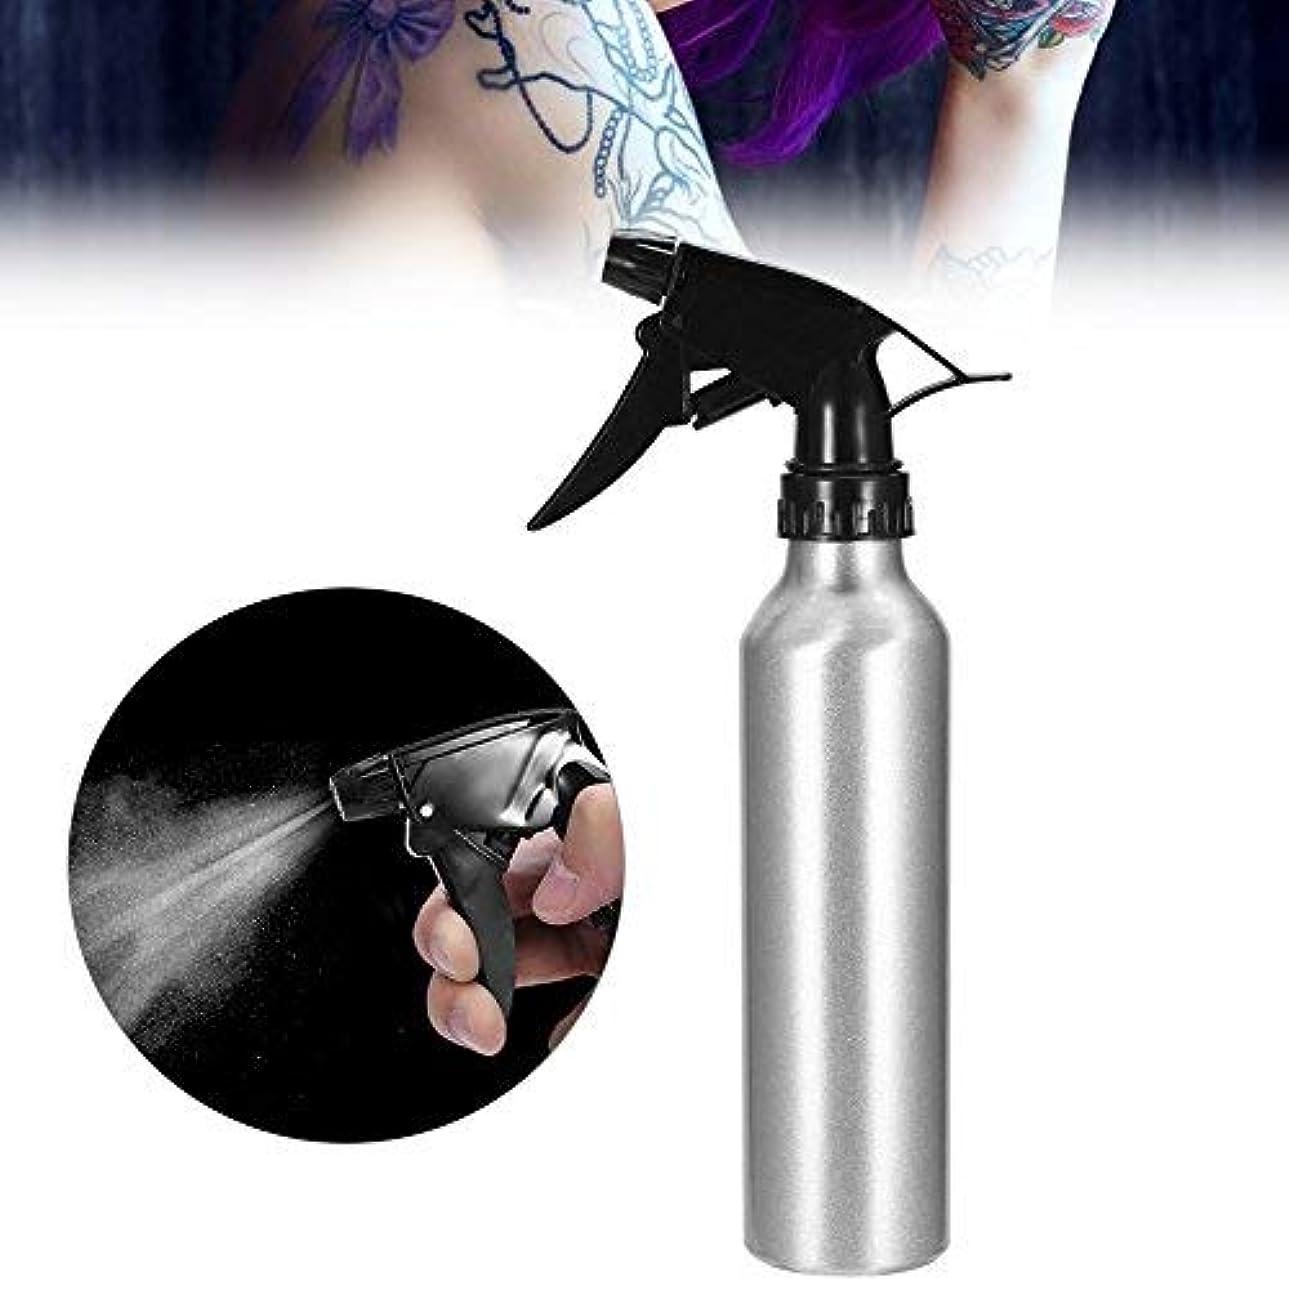 傷つきやすい秋私達ochunアルミスプレーボトル 250ml 霧吹き 入れ墨用 美容美髪用 タトゥースプレーボトル 耐久性(#2)